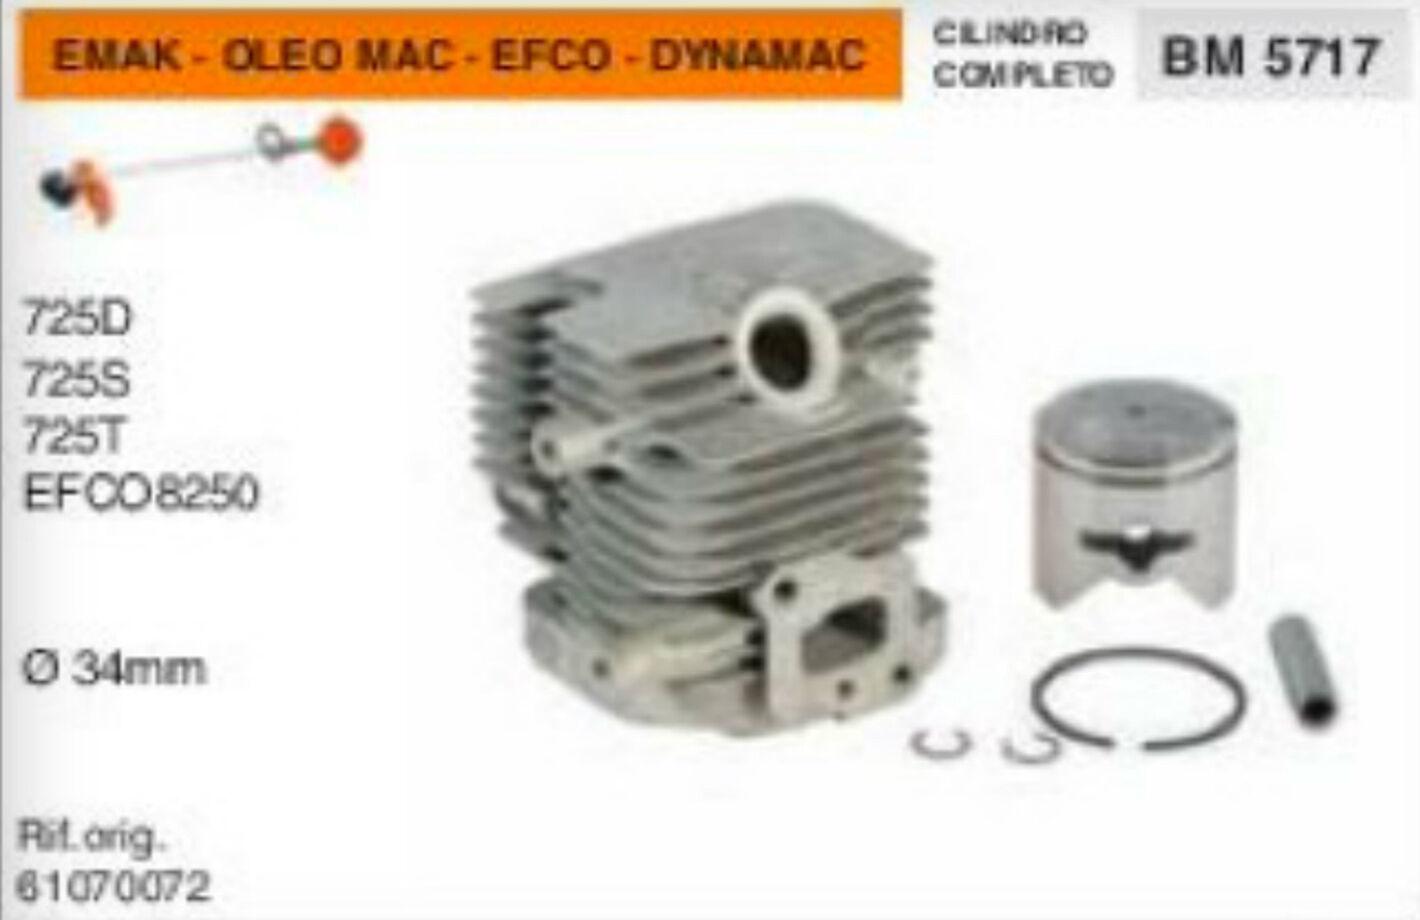 Zylinder und Kolben Freischneider Emak dynamac Oleo Mac 725 EFCO 8250 Ø 34 mm